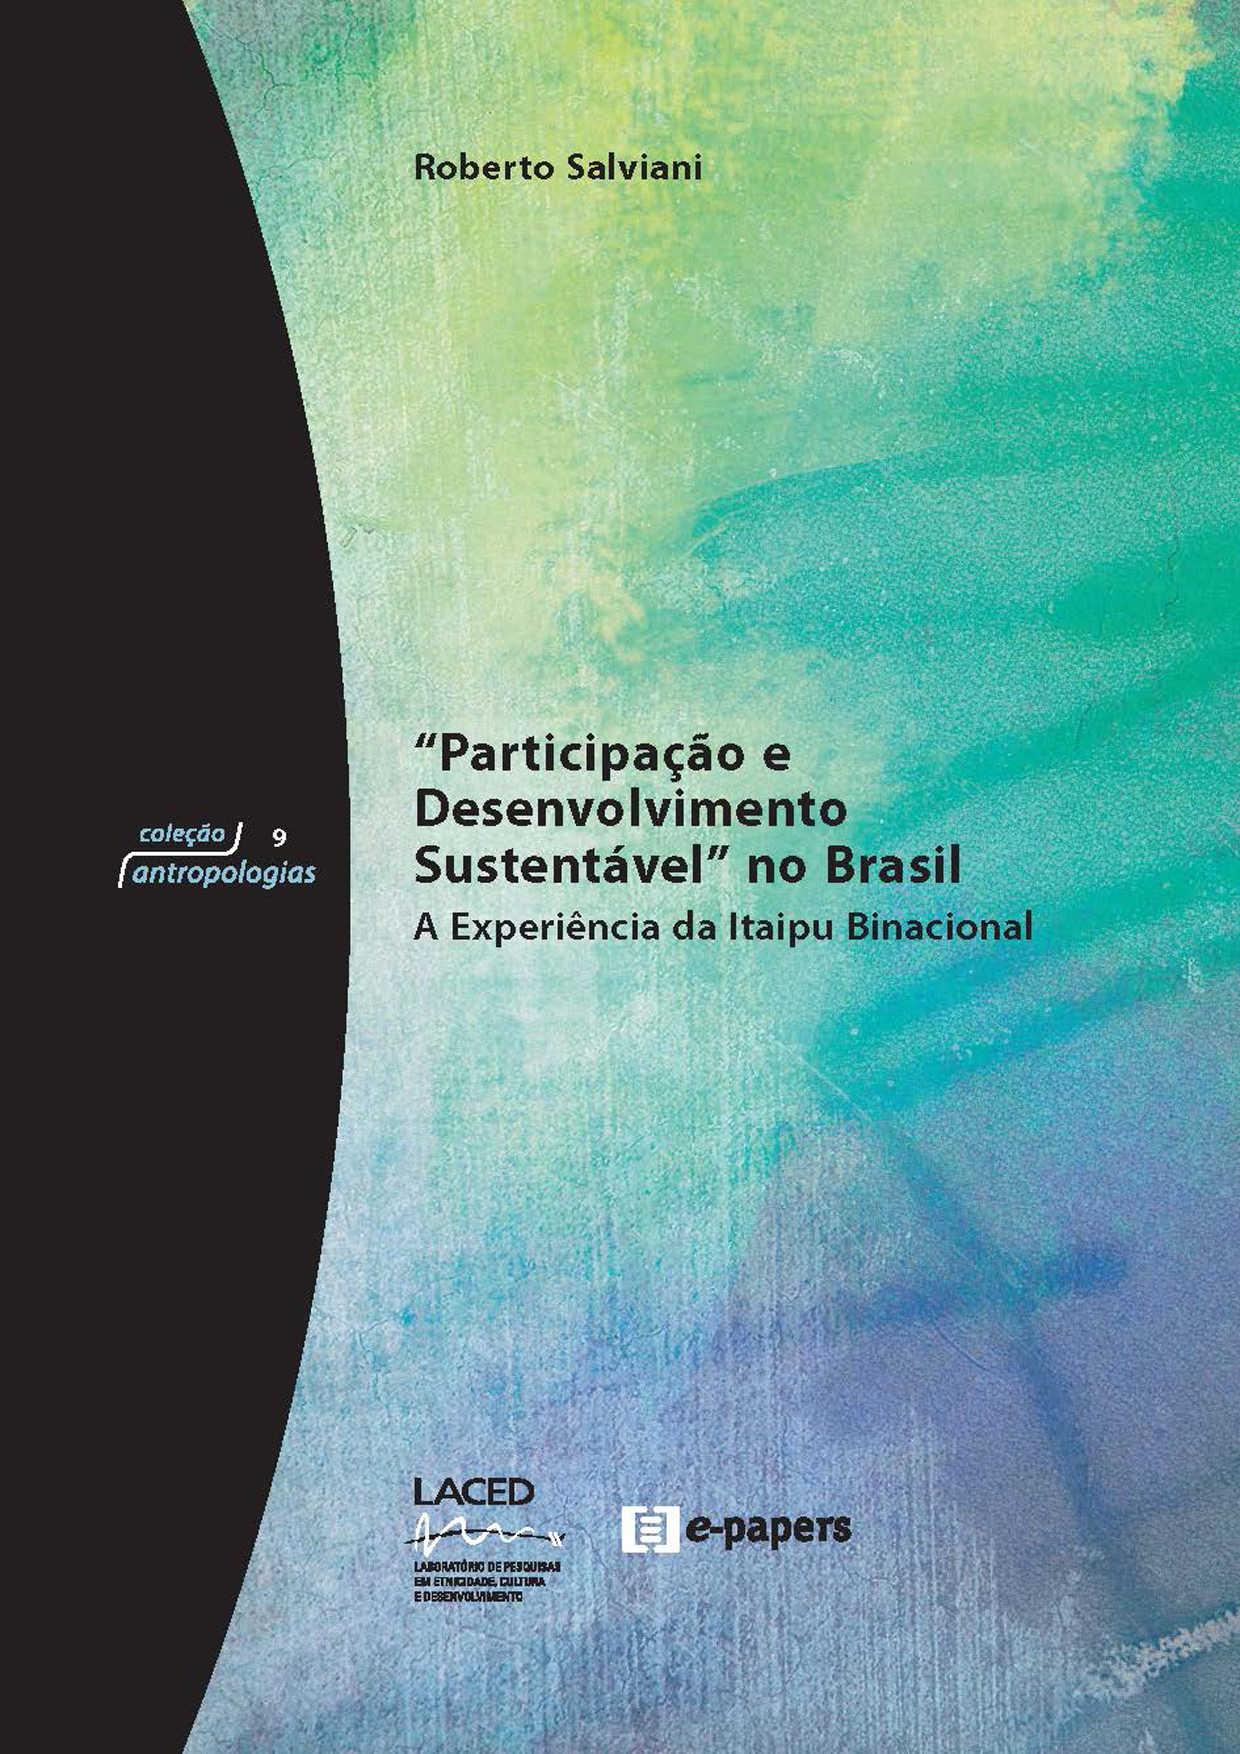 Participação e Desenvolvimento Sustentável no Brasil: A experiência da Itaipu Binacional